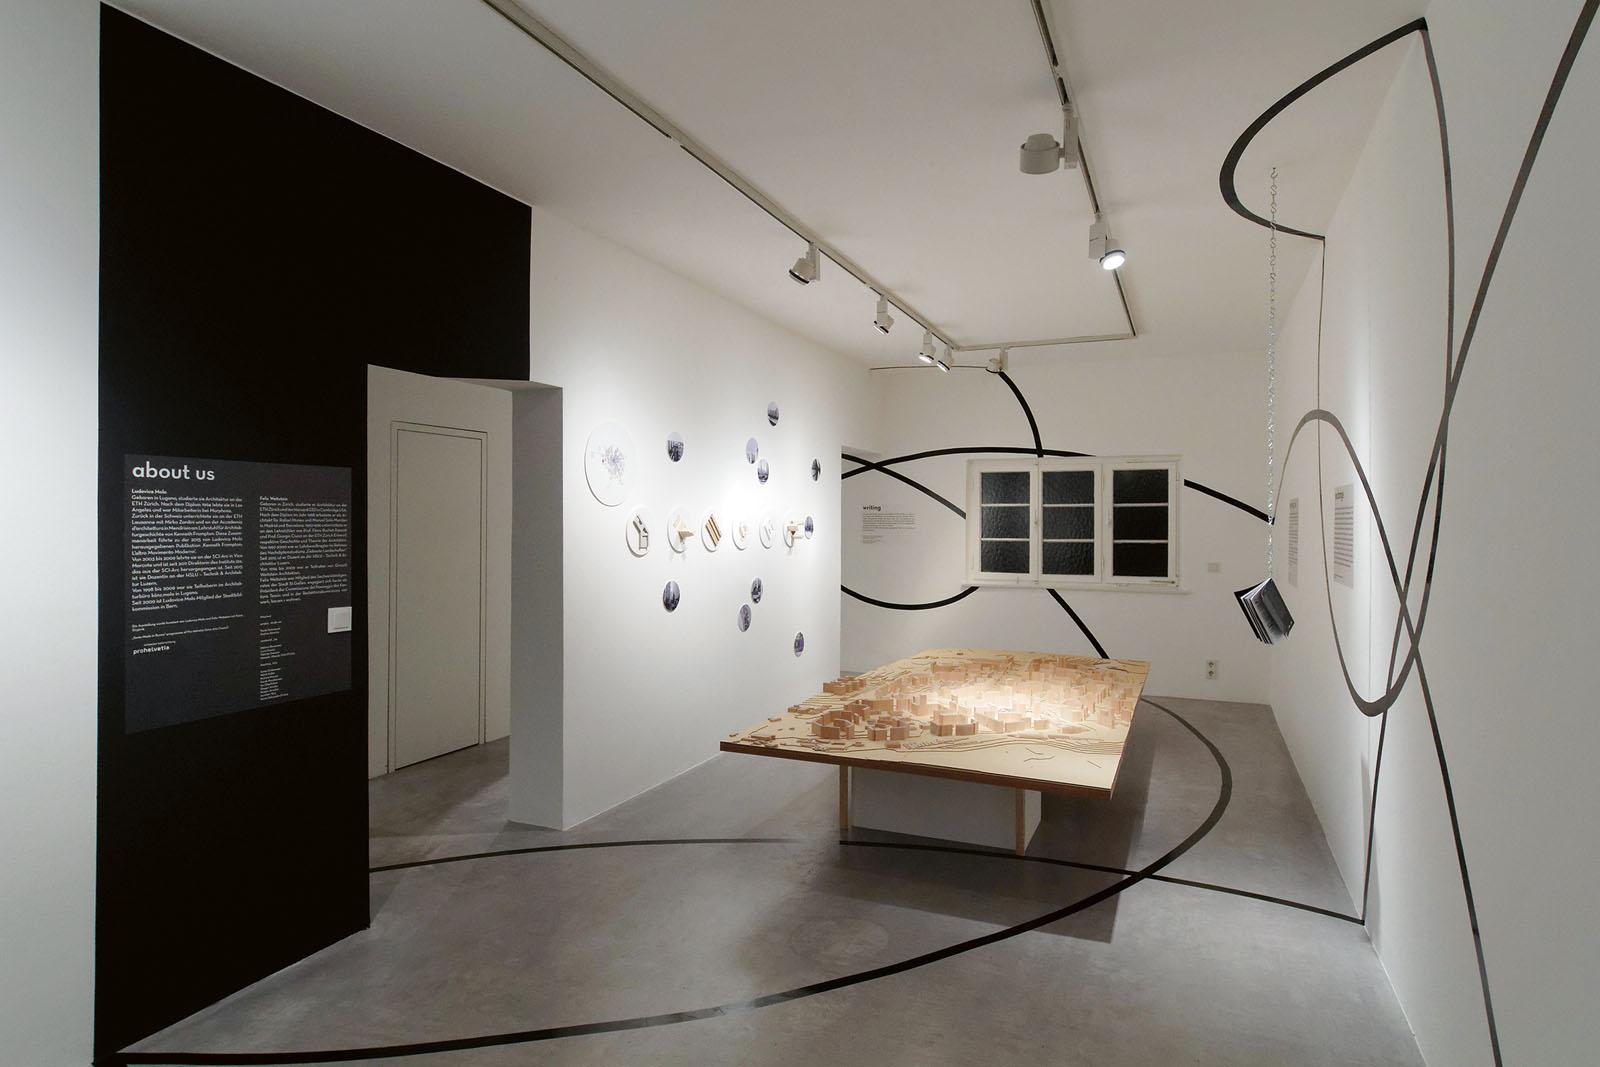 Lange Nacht der Museen Stuttgart - Architekturgalerie Ausstellungsraum